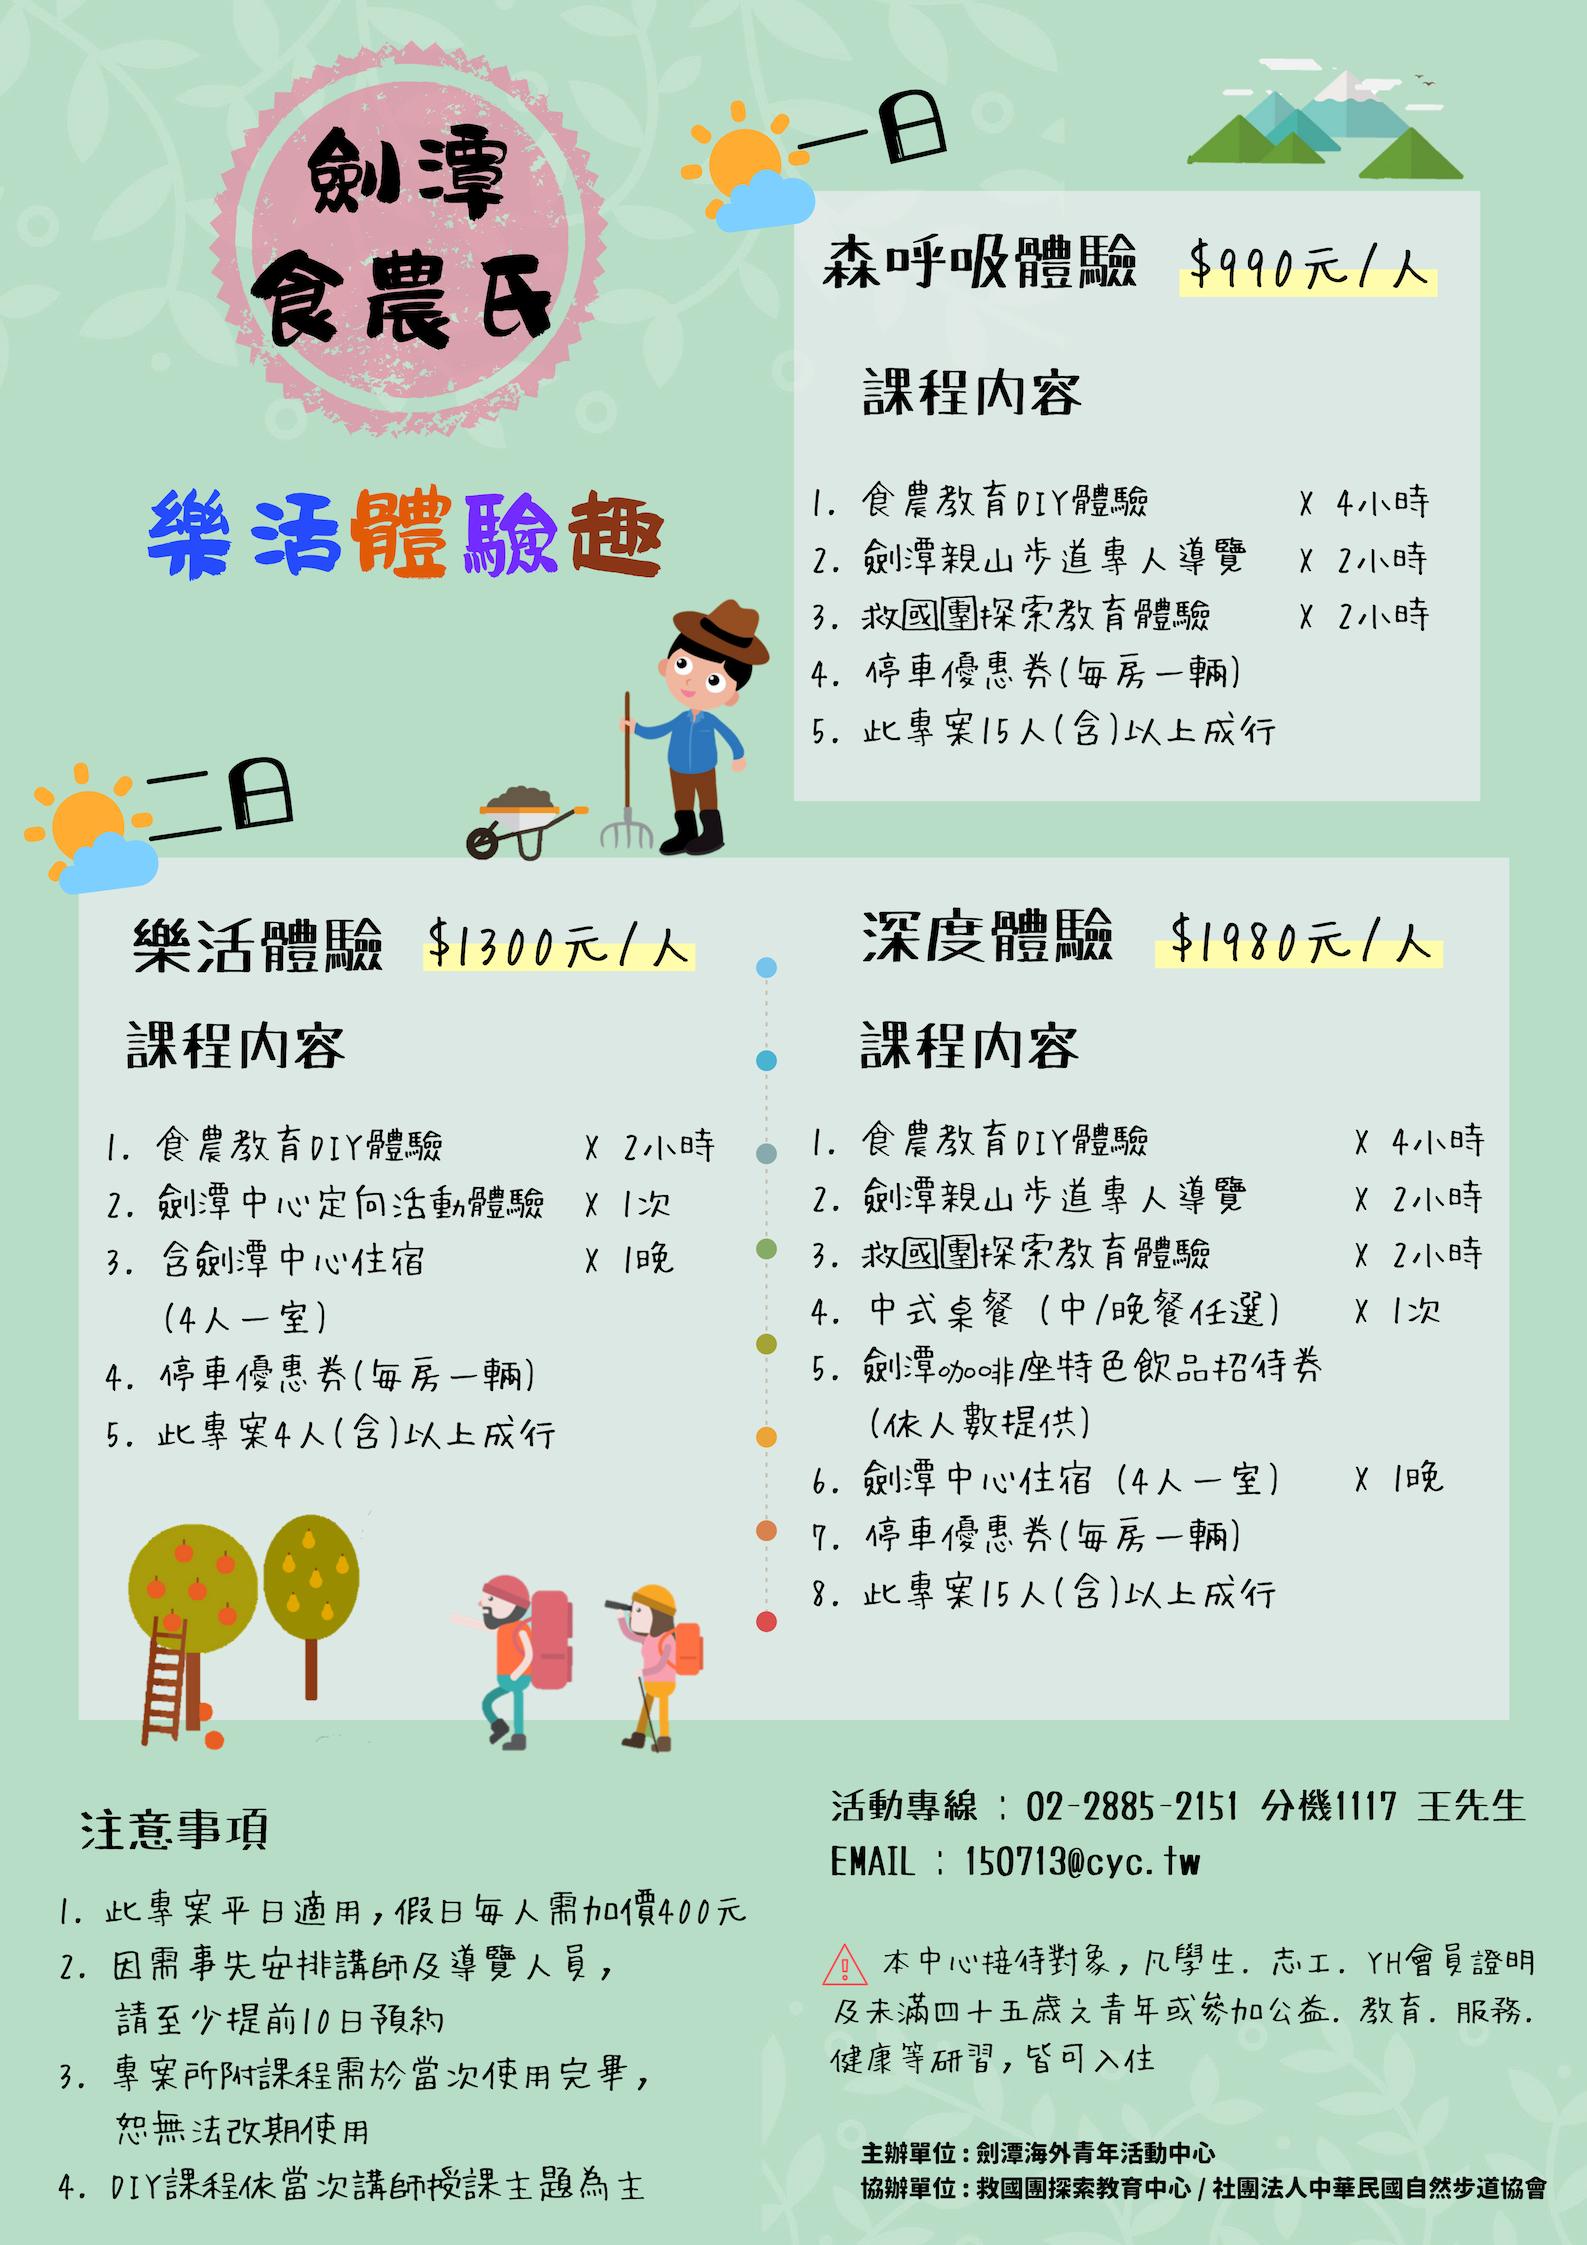 劍潭食農氏專案海報